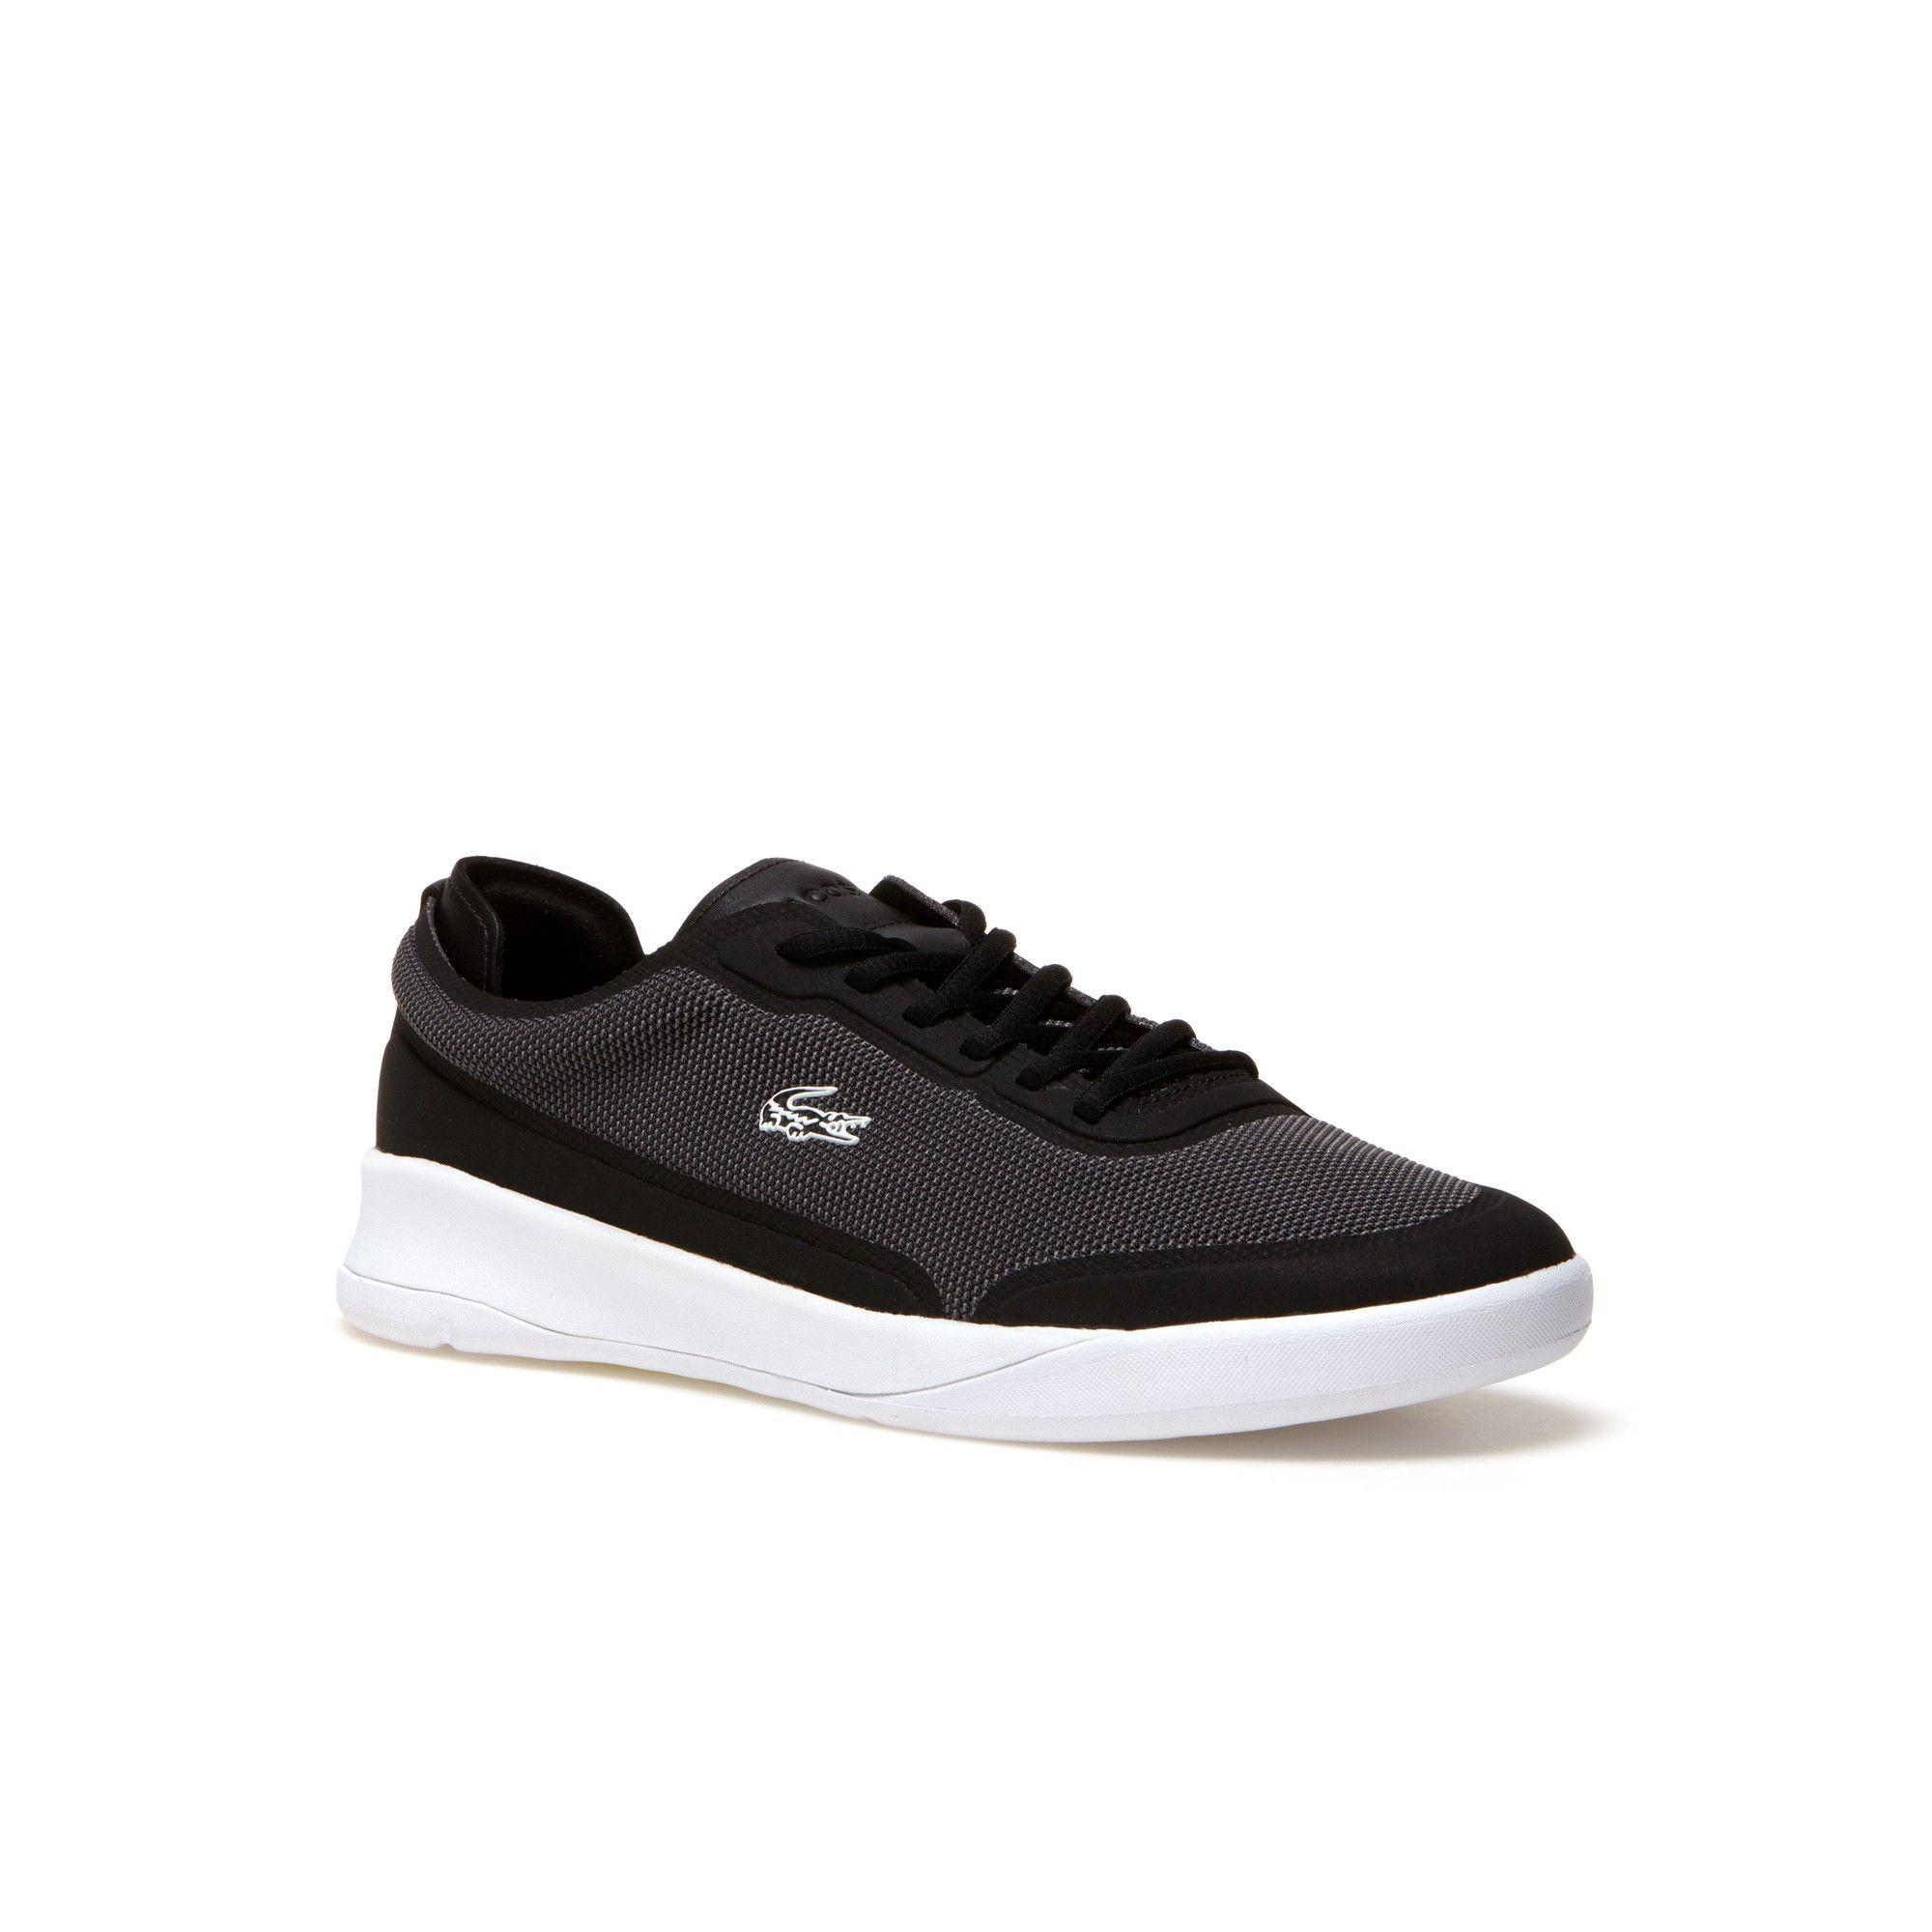 5f005dd64f38c LACOSTE Men s LT Spirit Elite Bicolor Piqué Sneakers - BLACK.  lacoste   shoes